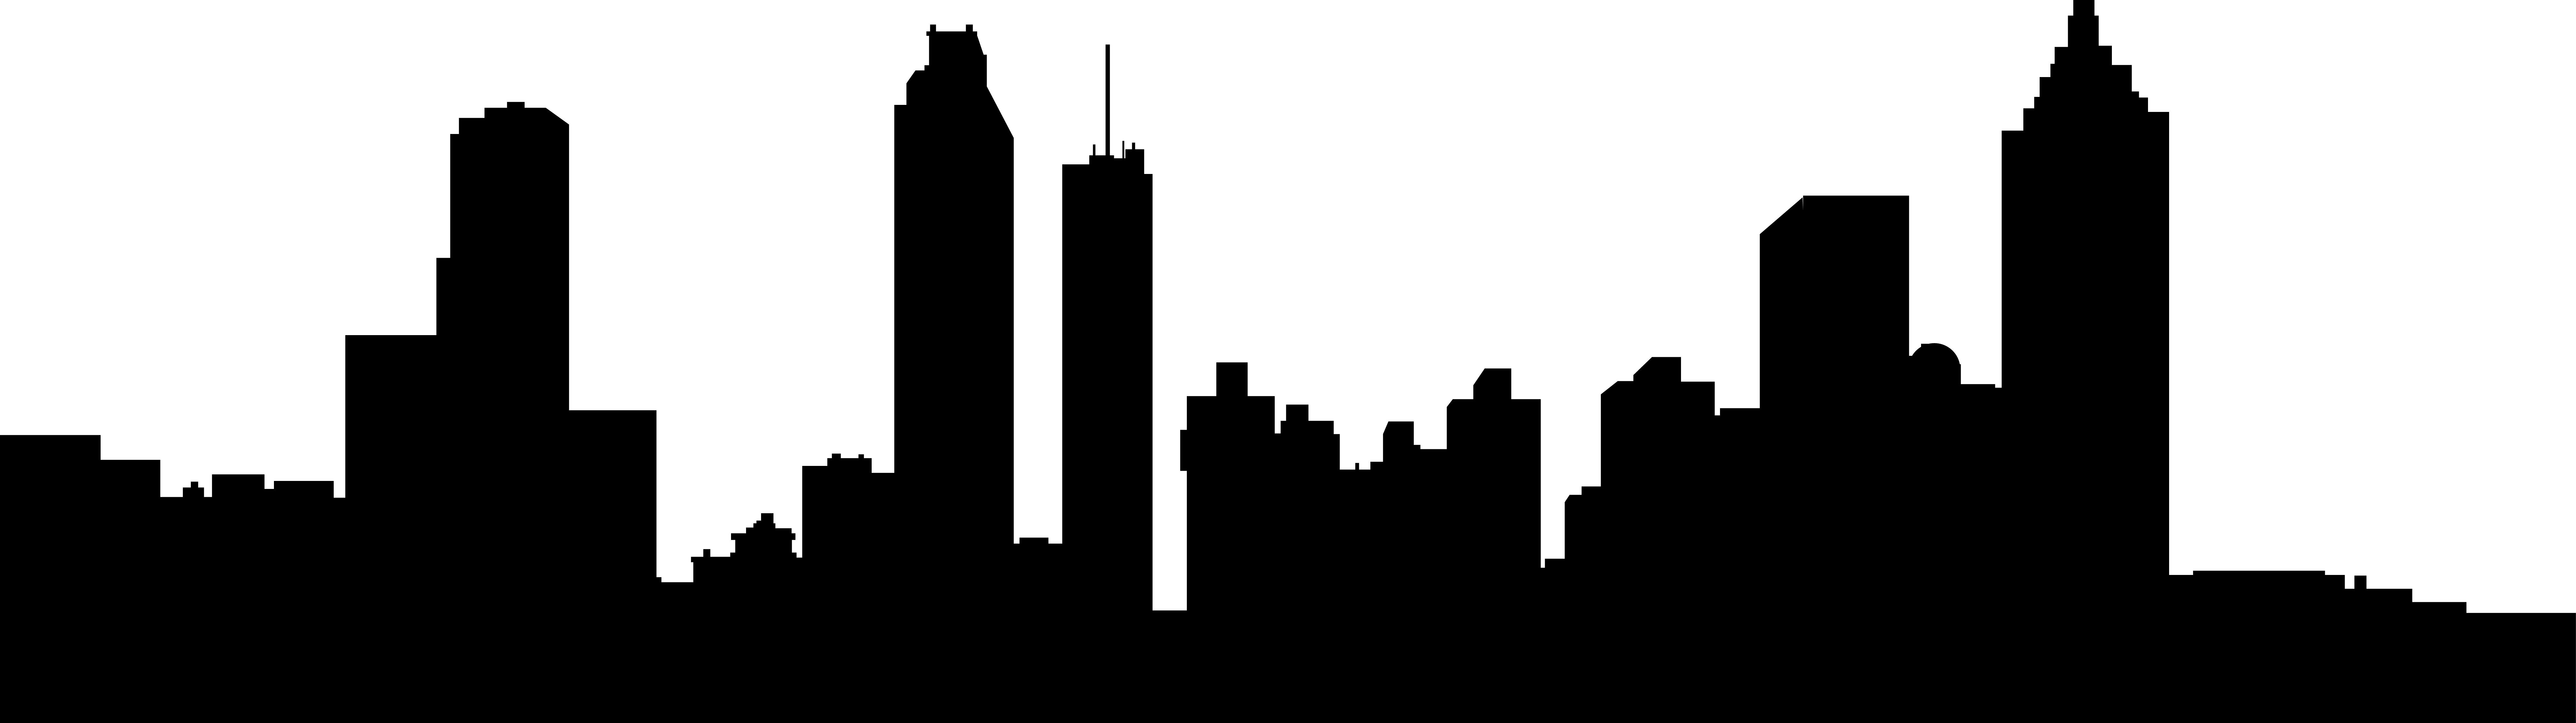 8059x2261 Miami Clipart San Diego Skyline